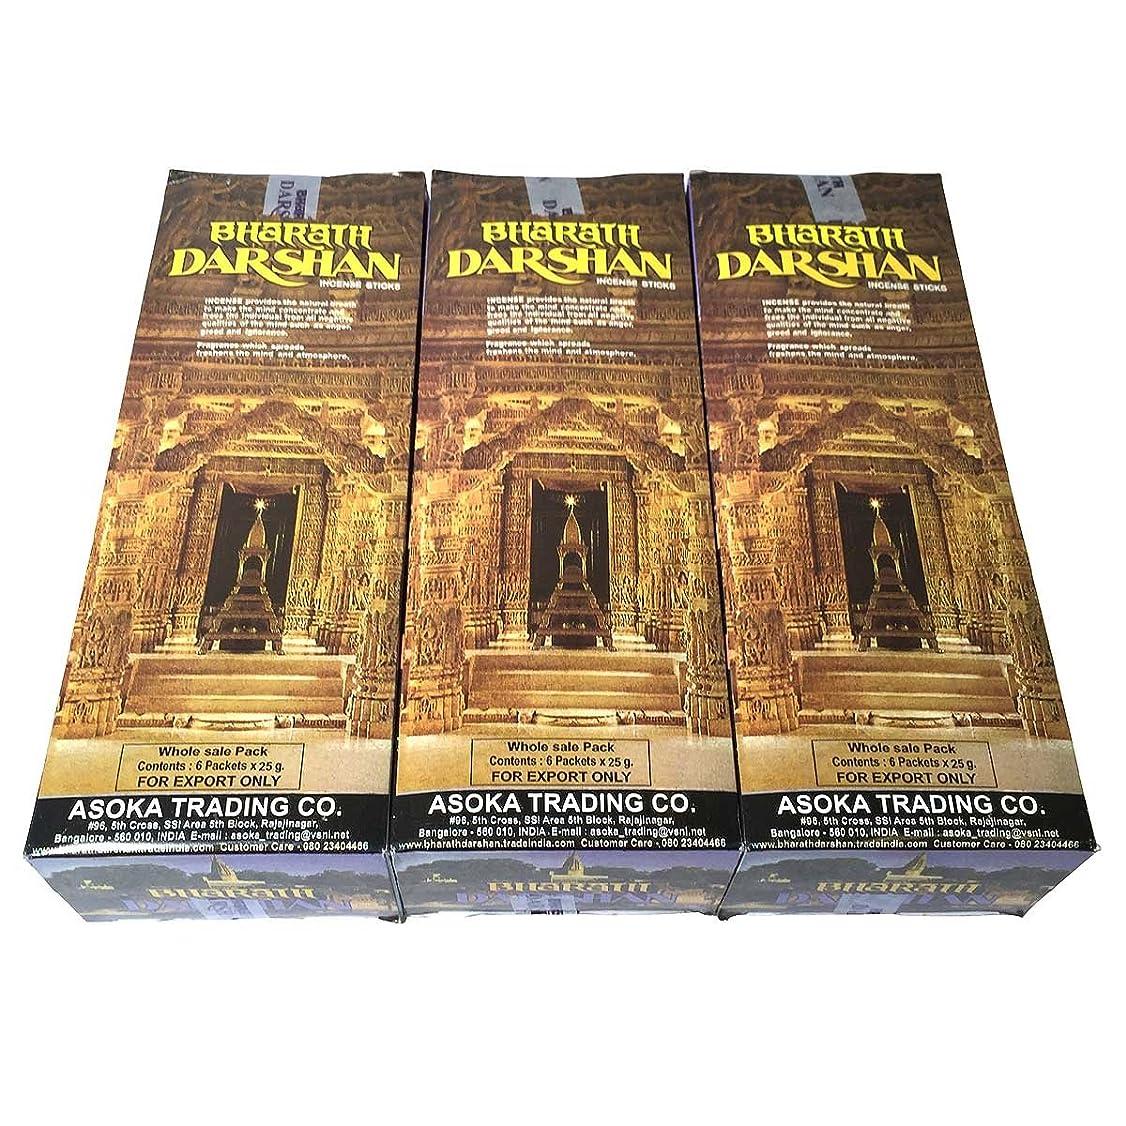 仮定する歩道震えるバハラットダルシャン香スティック 3BOX(18箱) /ASOKA TRADING BHARATH DARSHAN/インセンス/インド香 お香 [並行輸入品]